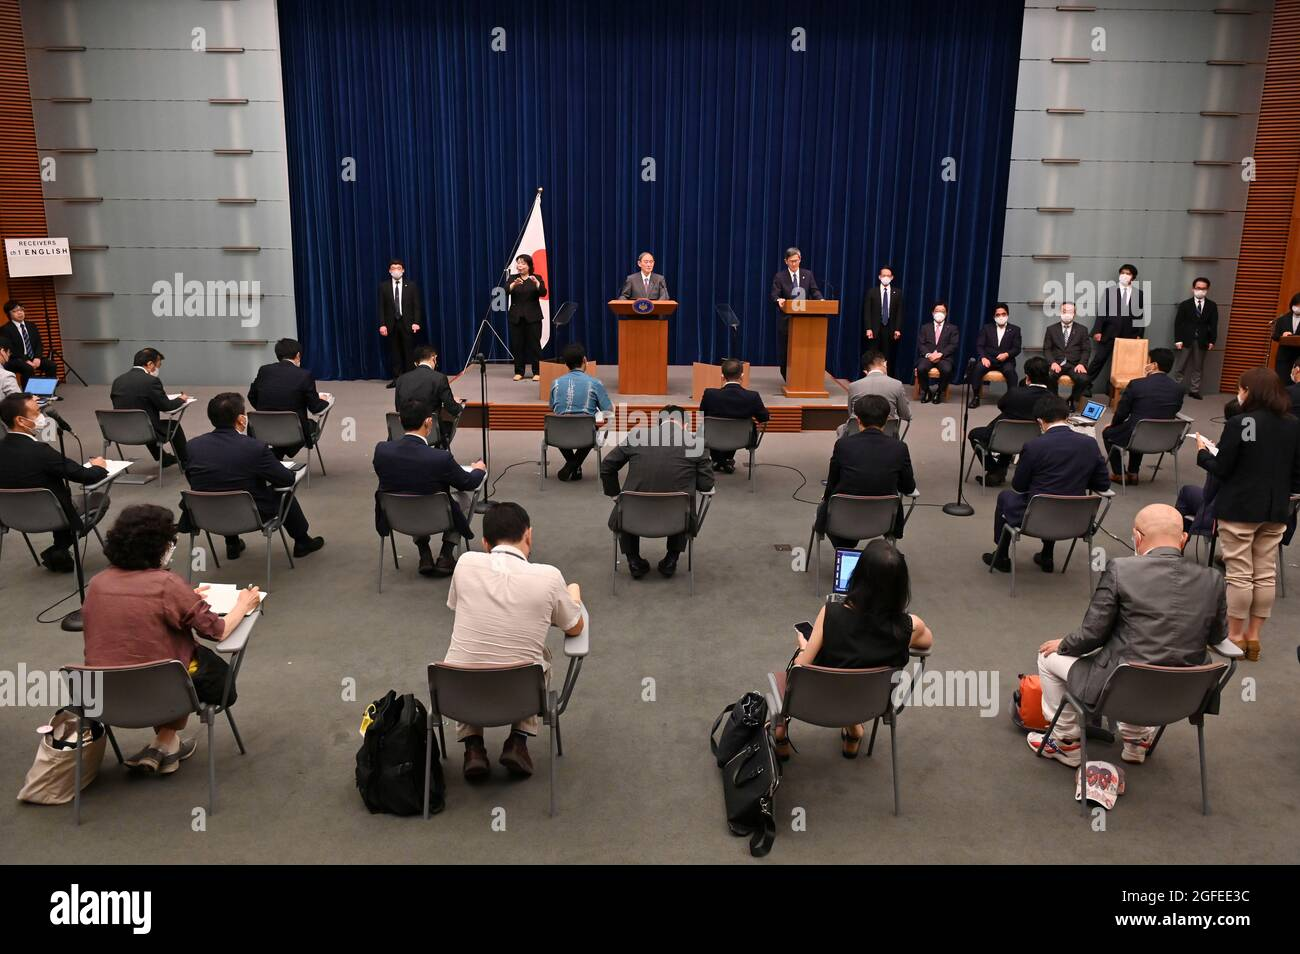 Tokio, Japan. August 2021. Japans Premierminister Yoshihihide Suga (TOP, C) nimmt an einer Pressekonferenz in der offiziellen Residenz des Premierministers in Tokio Teil. (Bild: © POOL via ZUMA Press Wire) Stockfoto